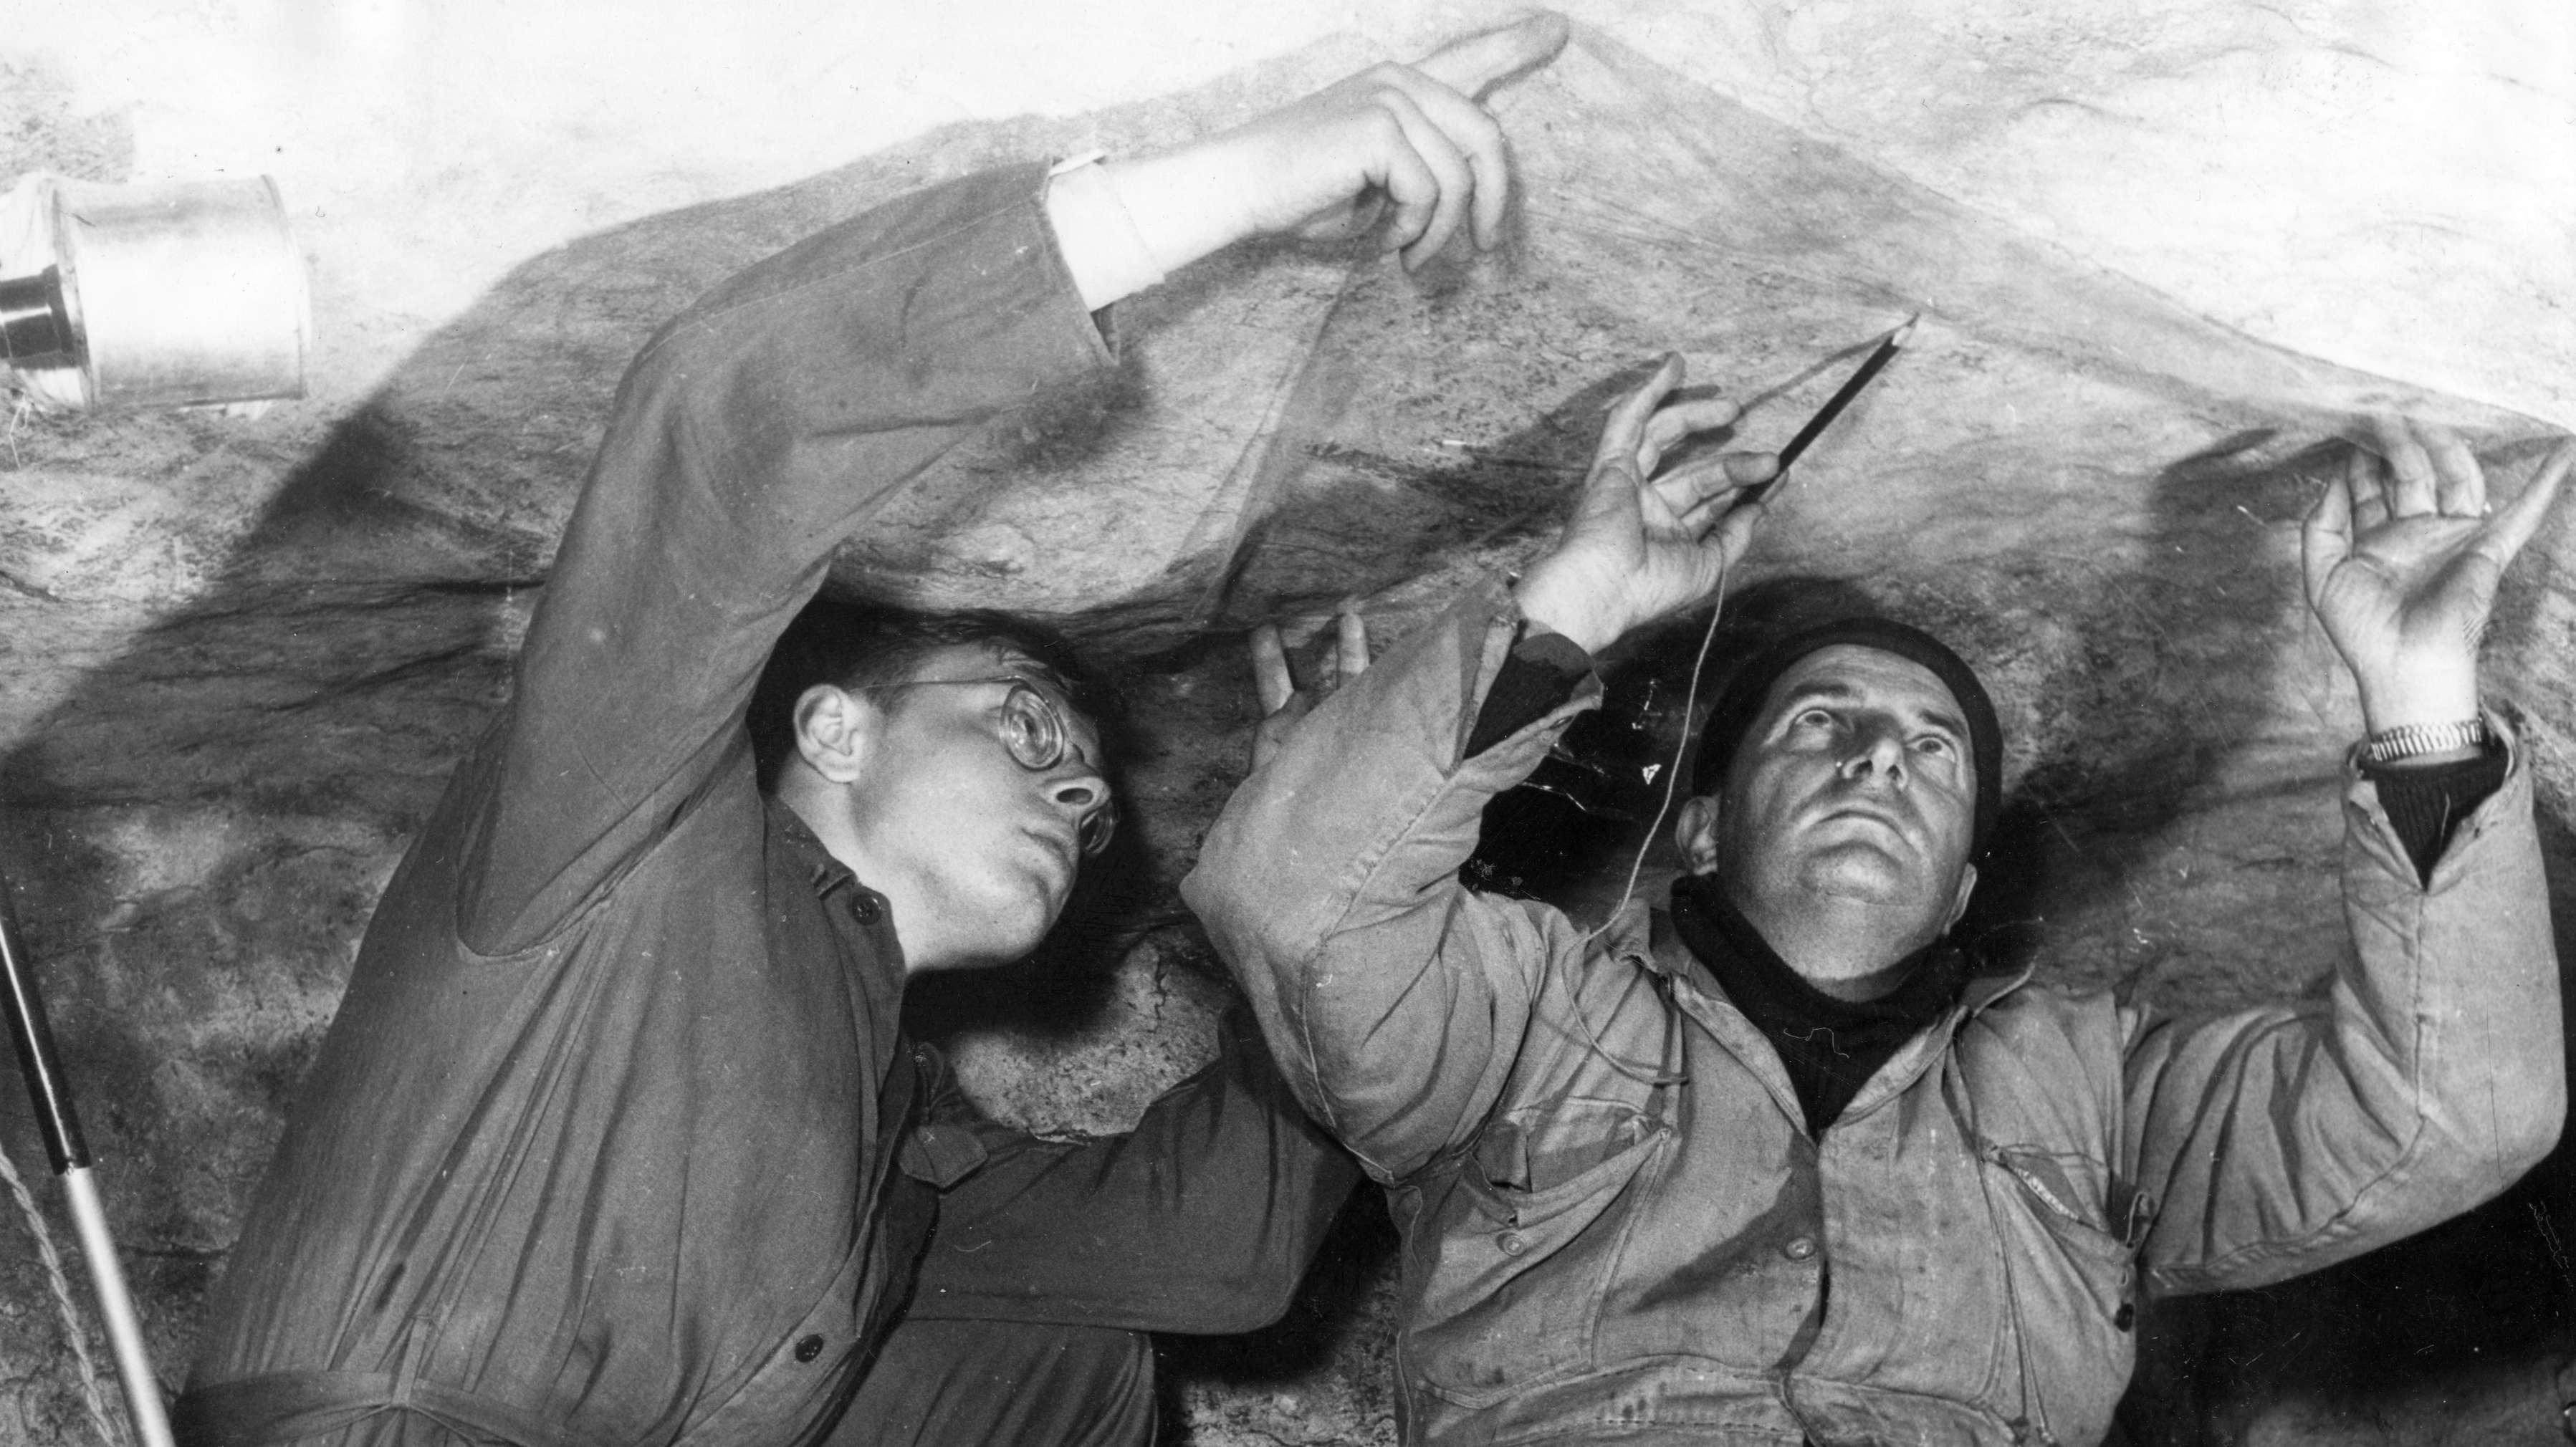 Historische Aufnahme: Die originalen Höhlenmalereien von Lascaux werden kopiert.